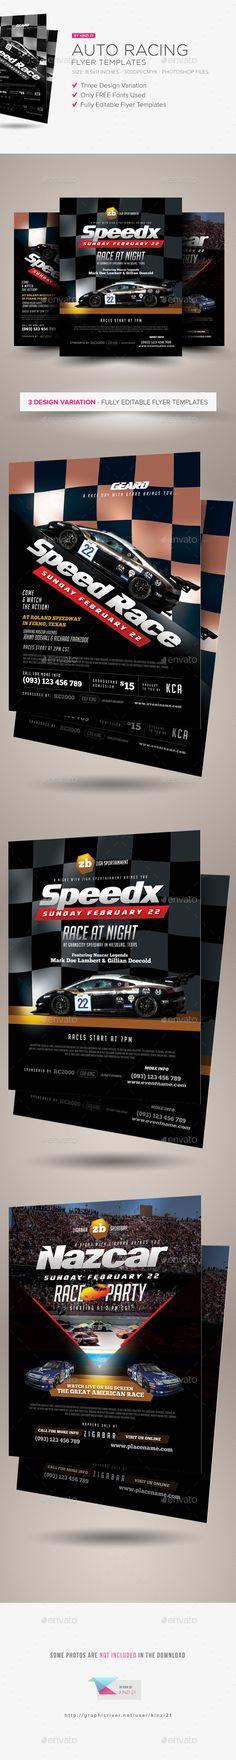 Car Sale Flyer \u2014 PSD Template #red #discount \u2022 Download ➝   - car sale flyer template